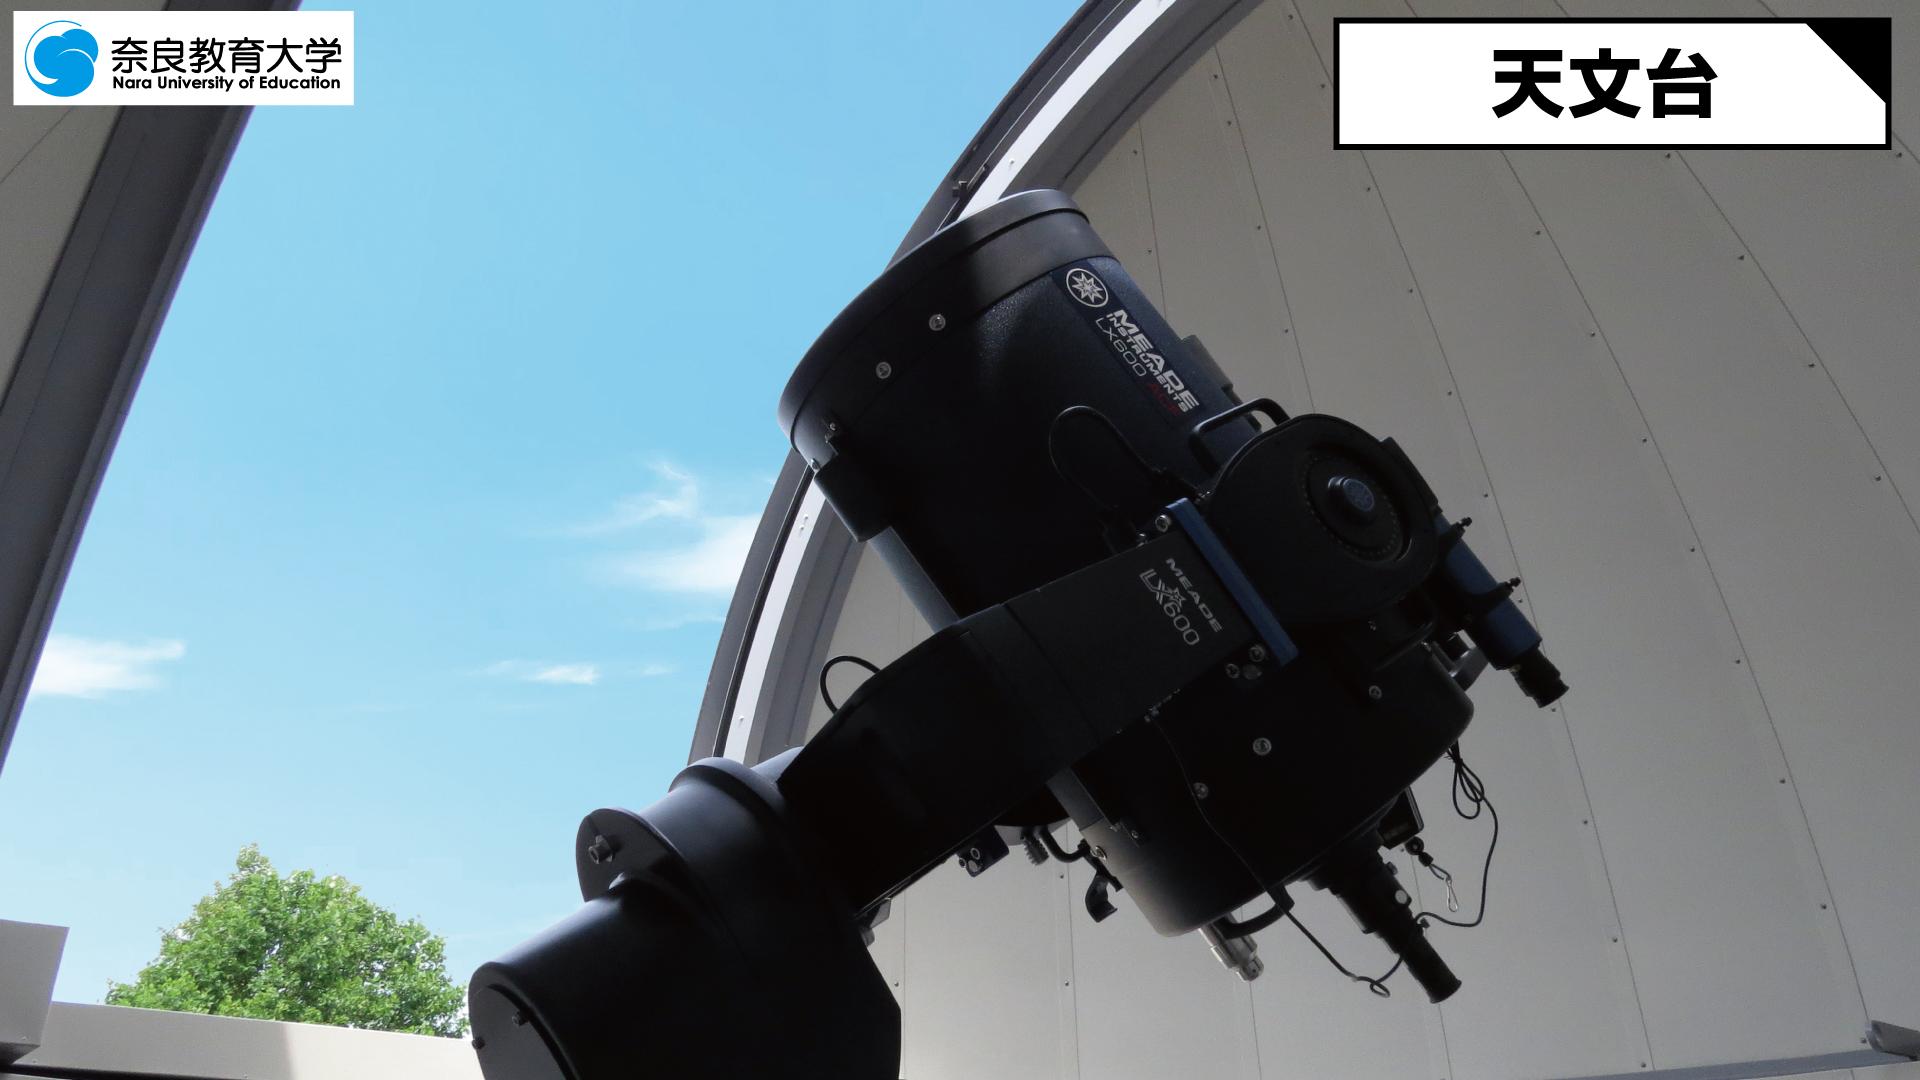 天文台(中).jpg